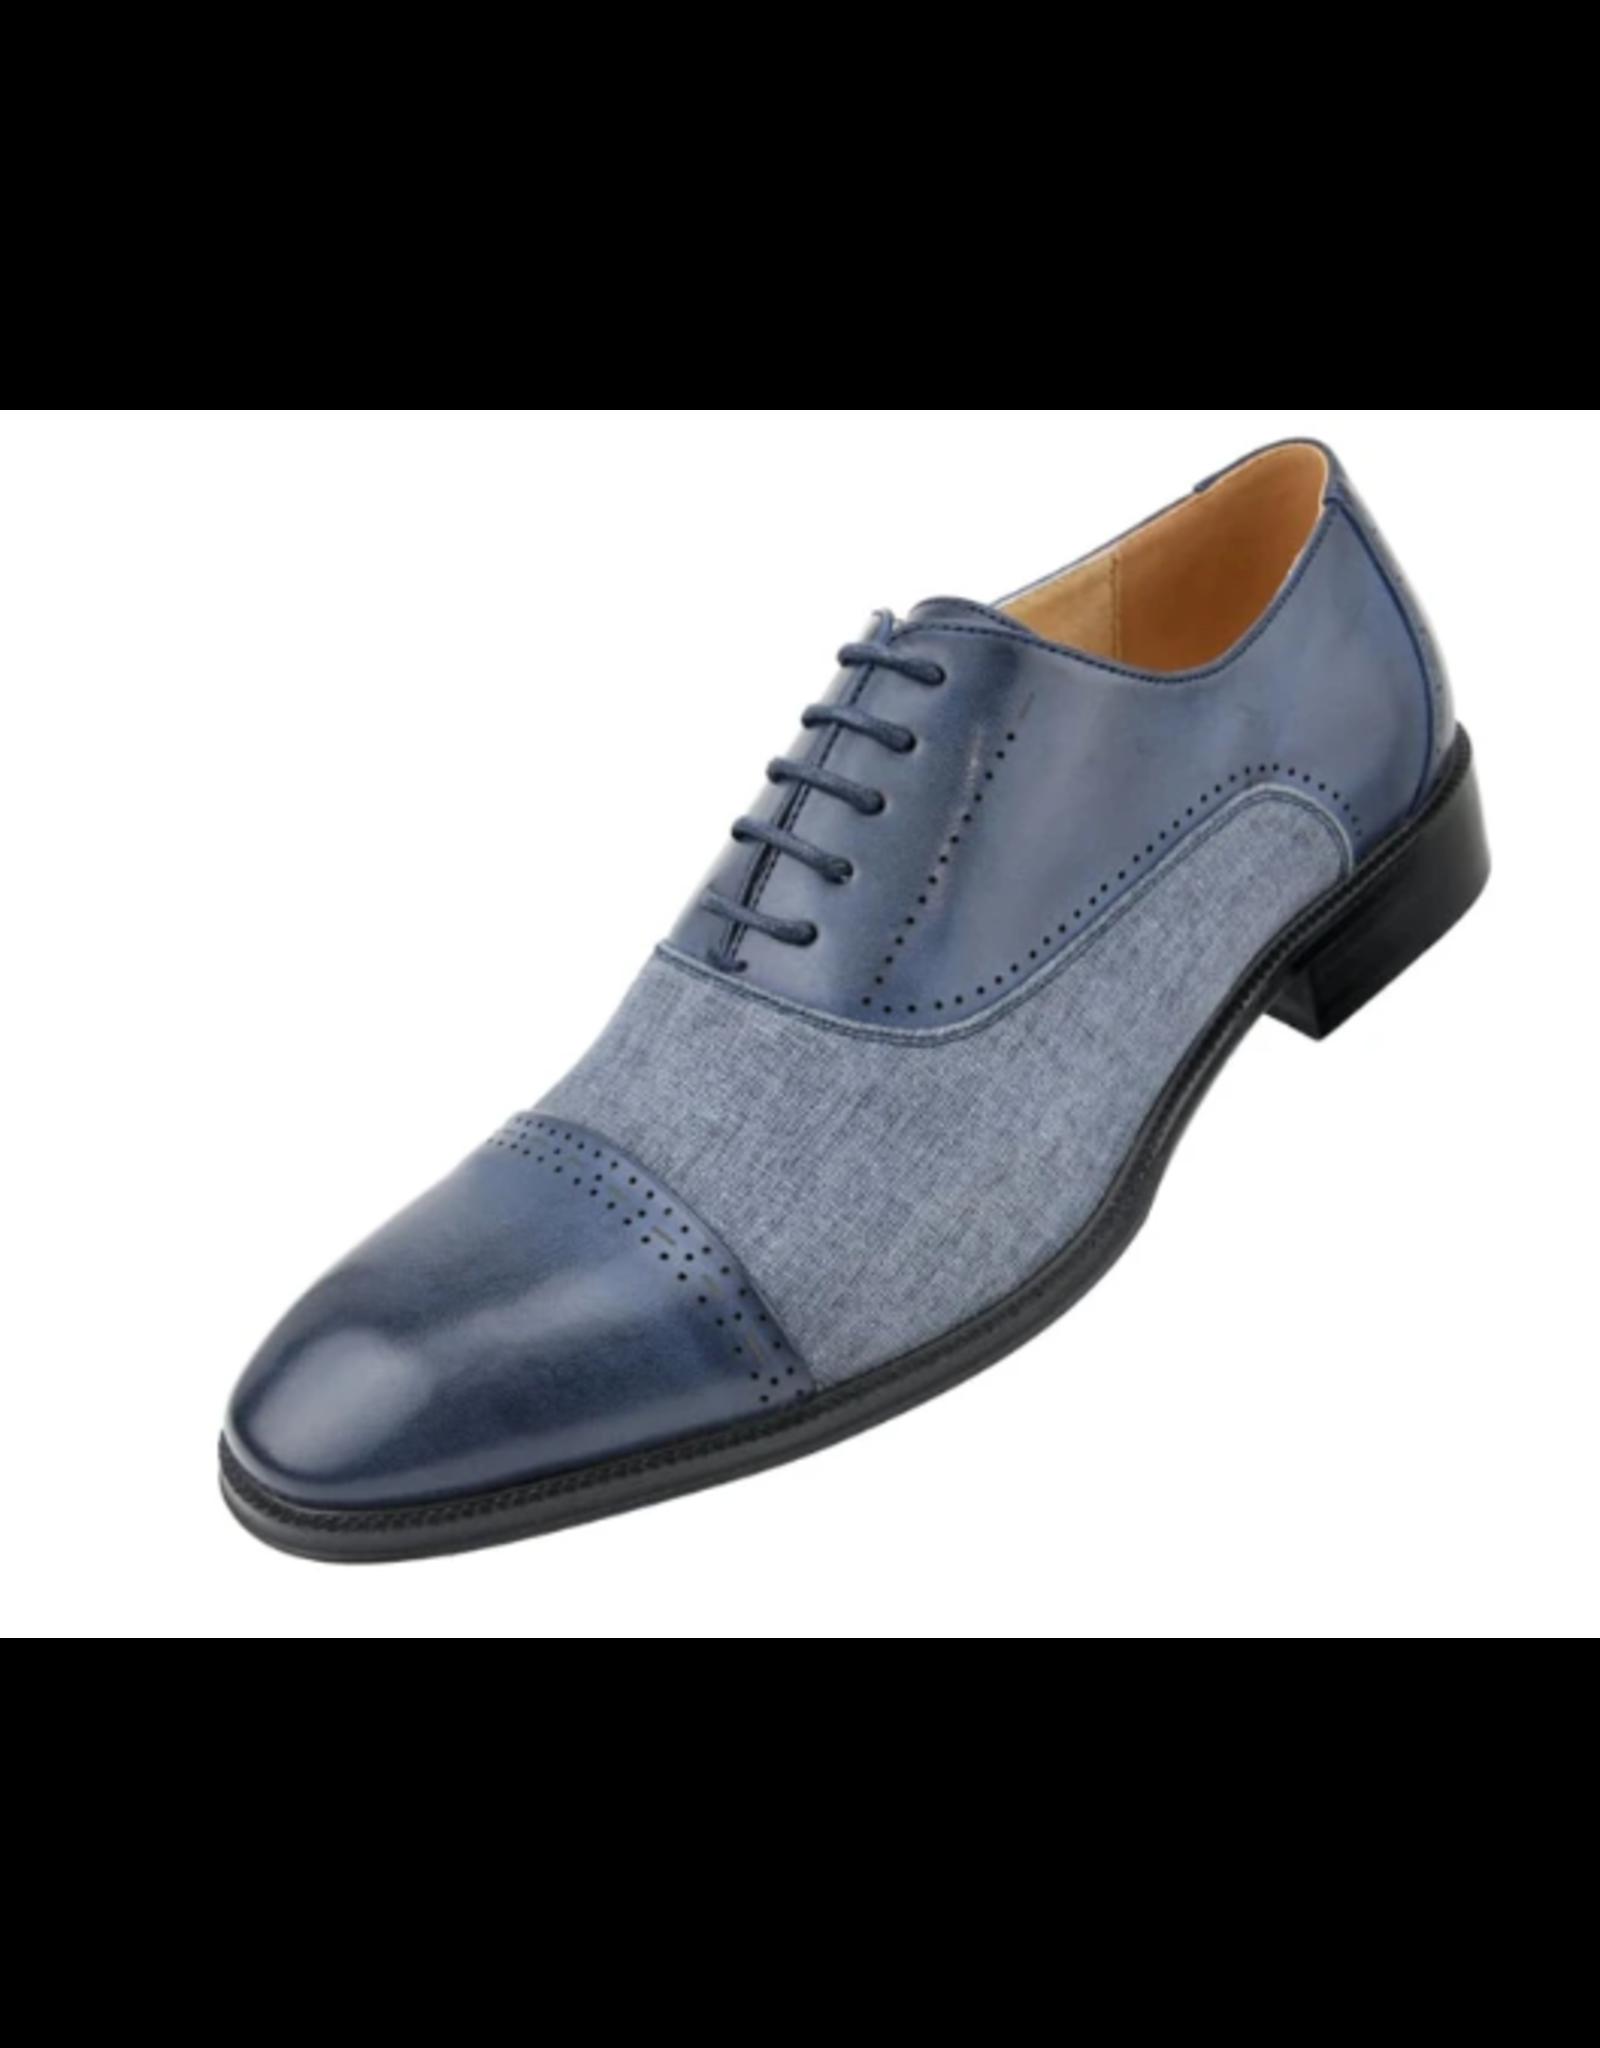 Amali Amali Albury Dress Shoe - Blue